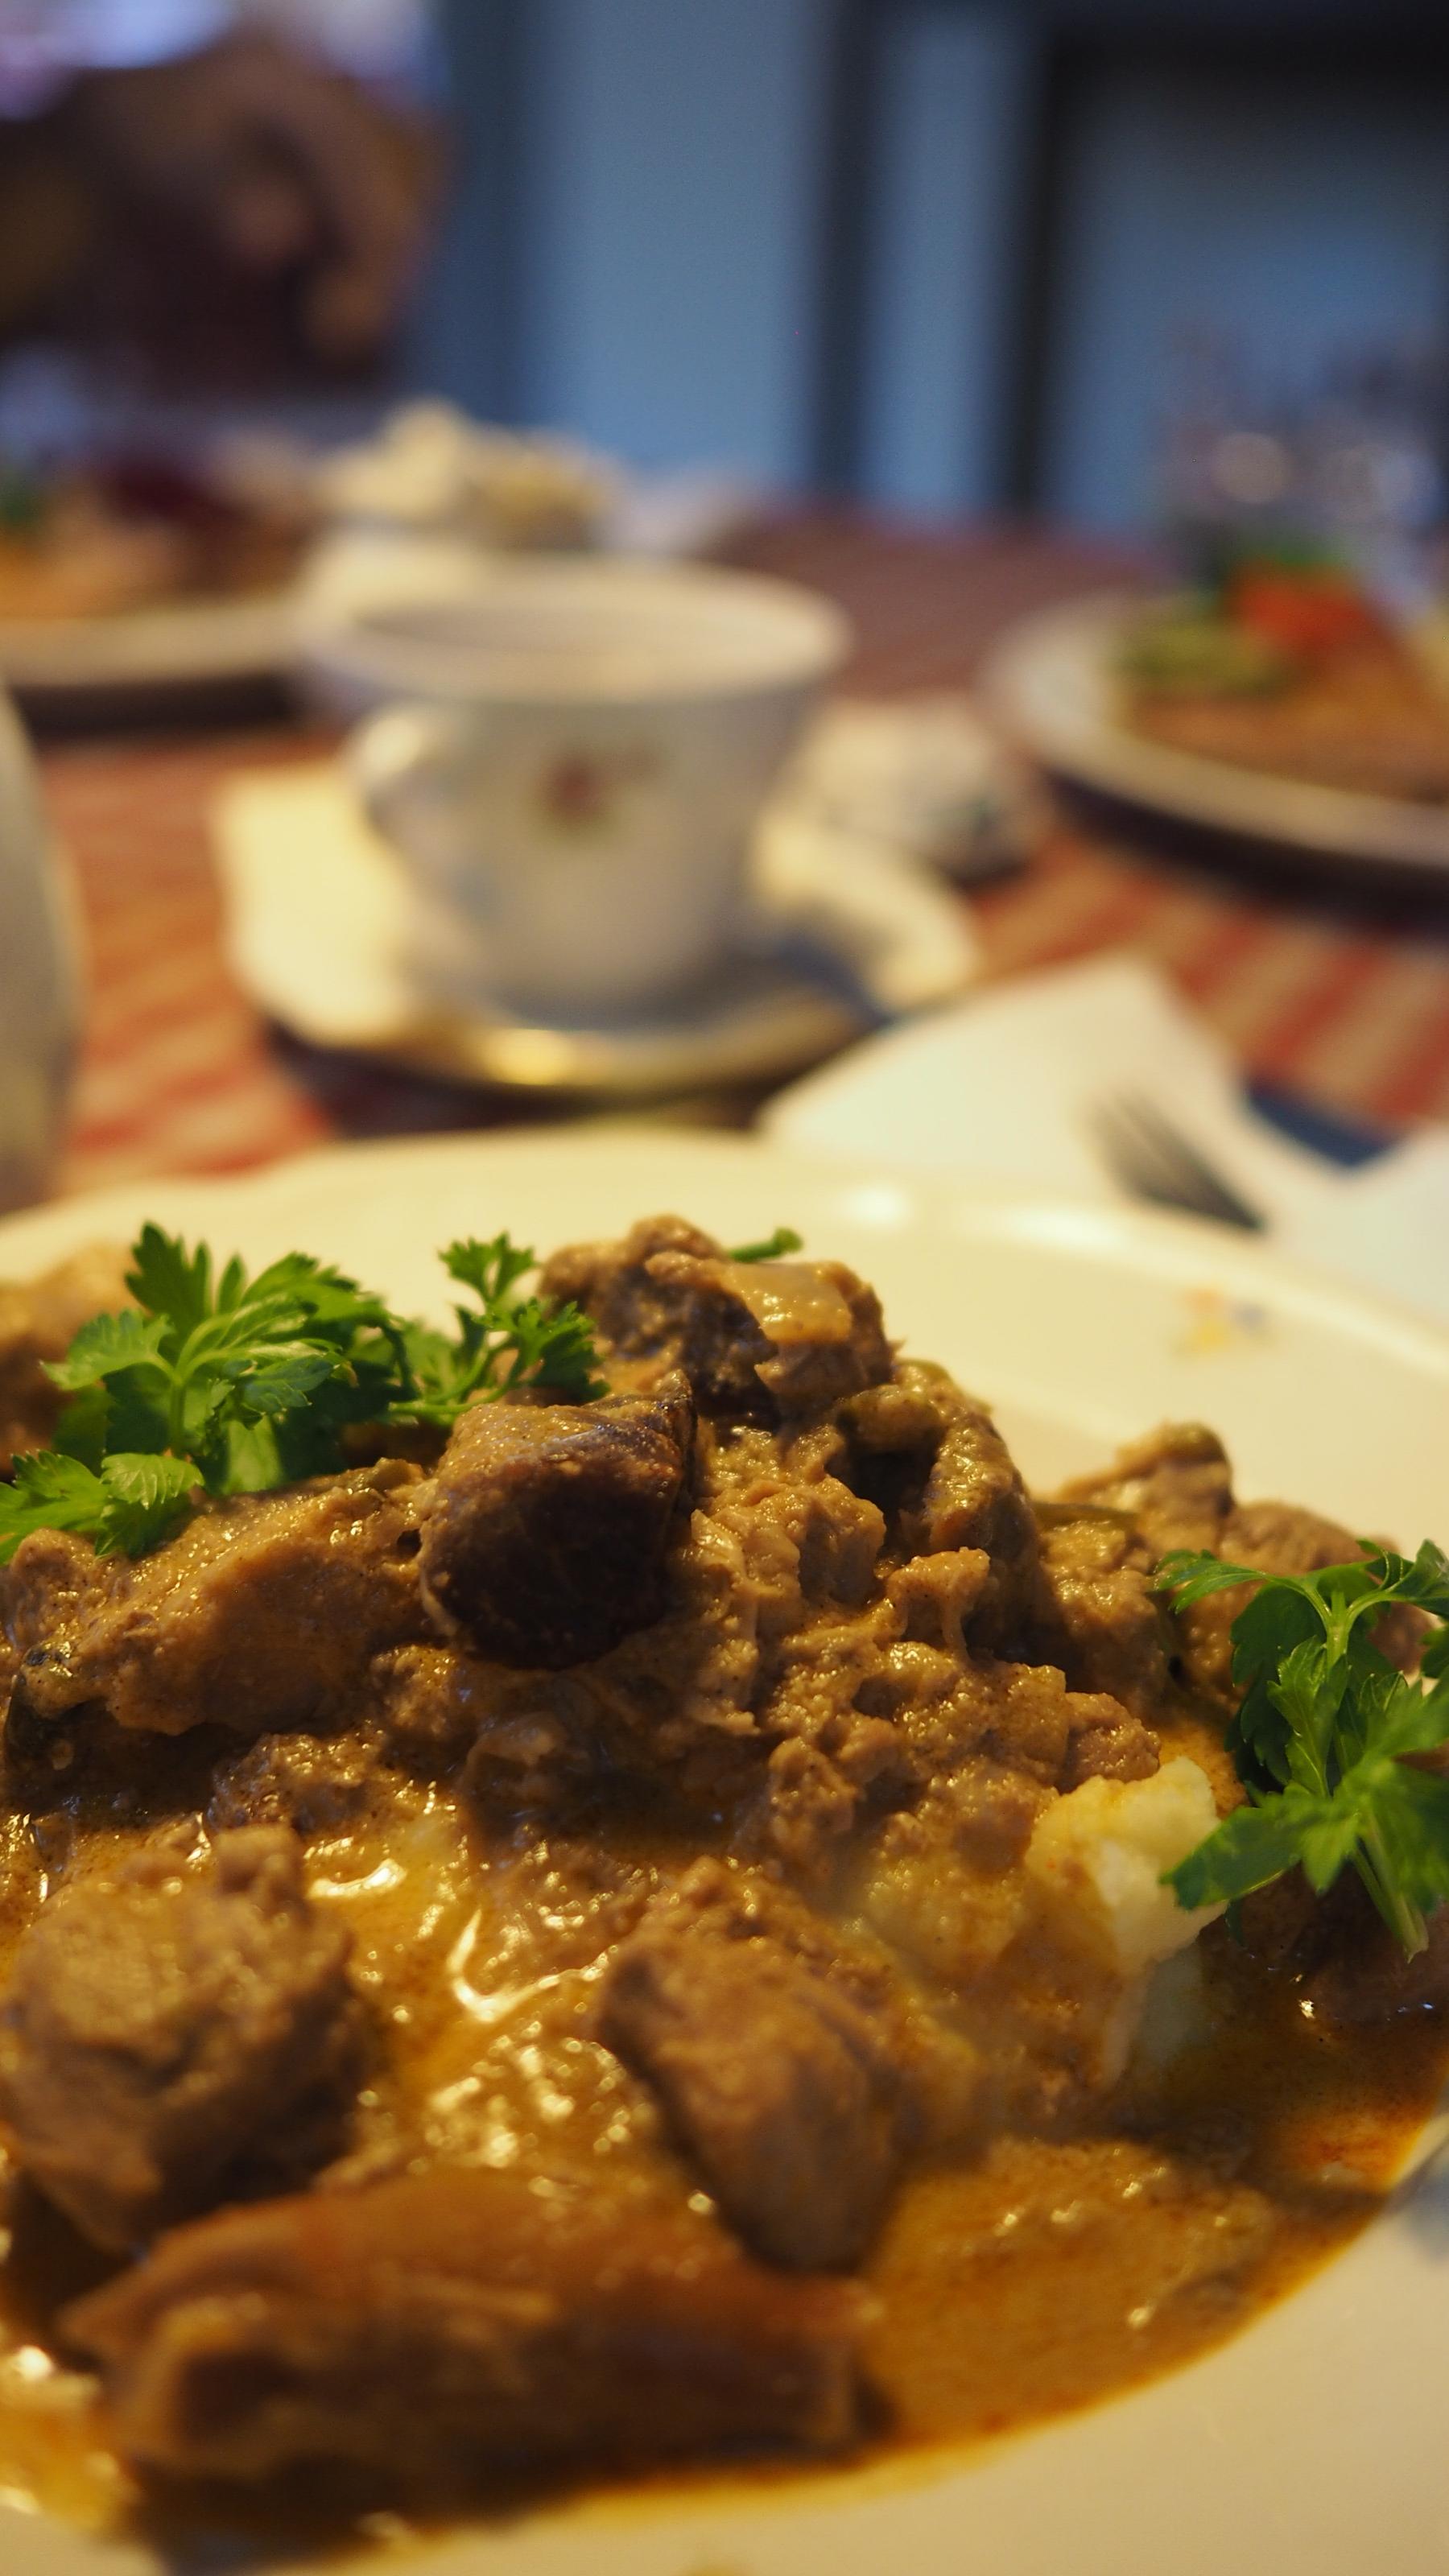 Viking Stew at Den Gamle By